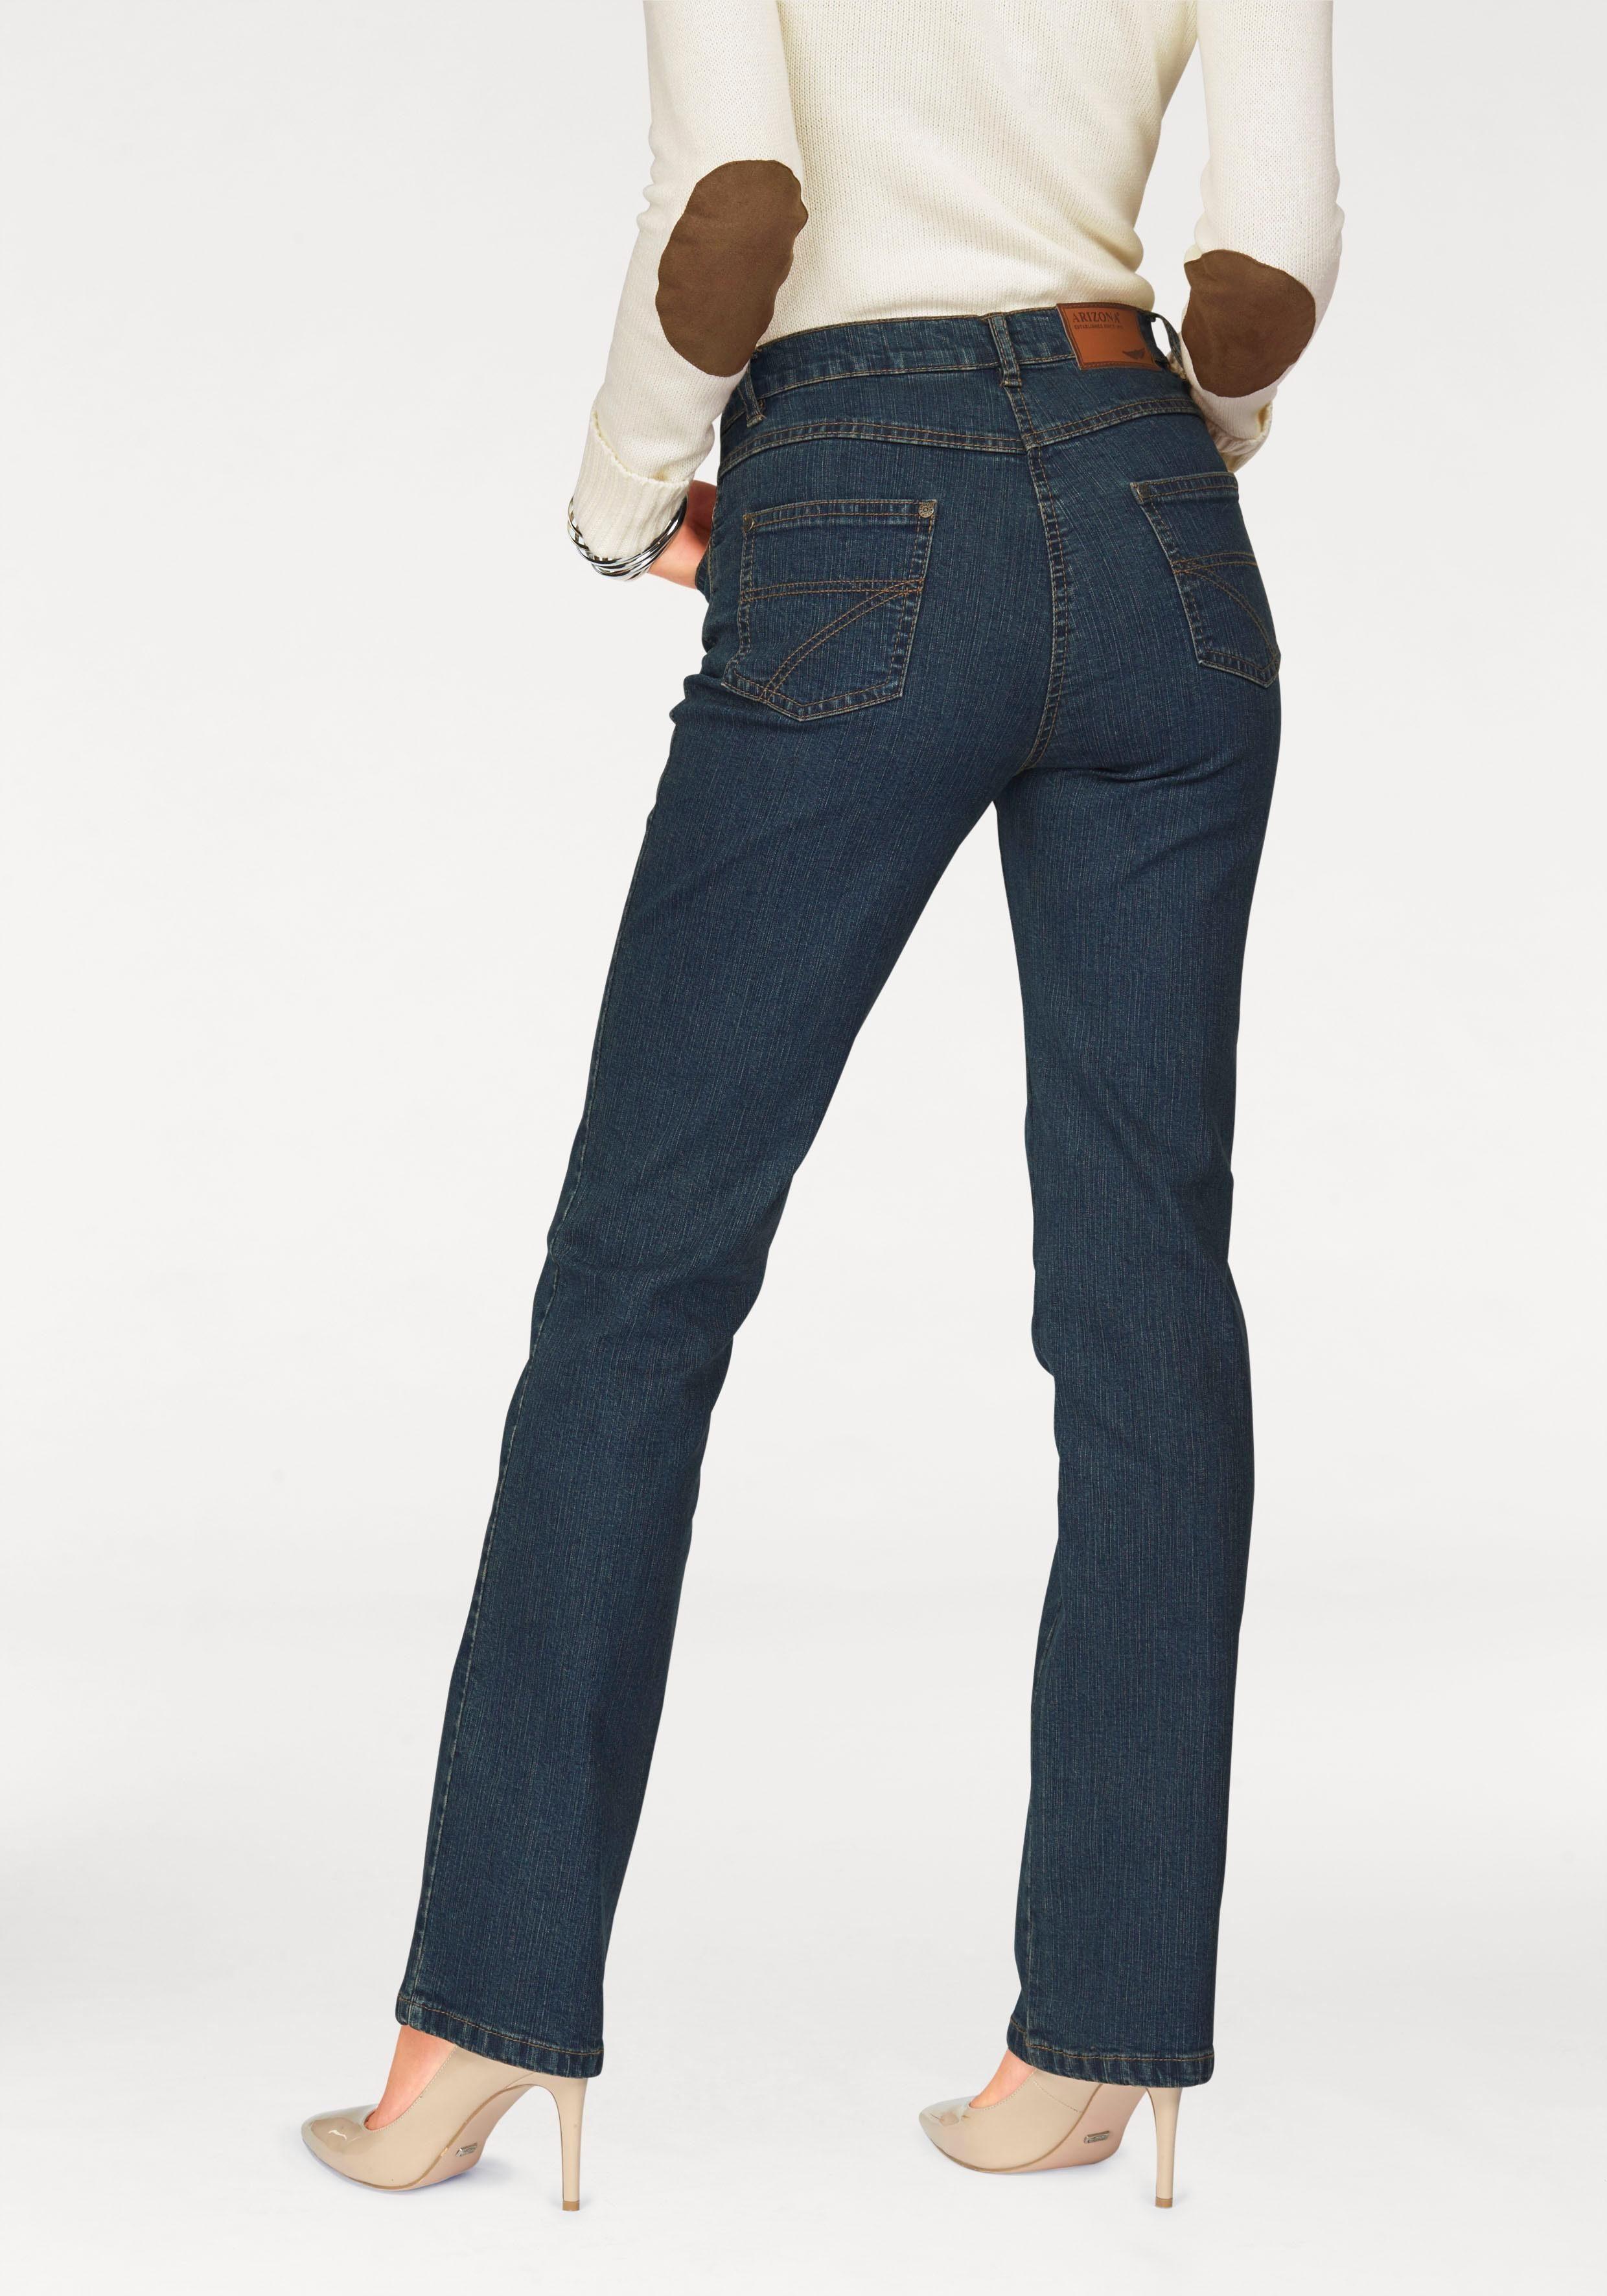 Arizona Gerade Jeans »Annett« High Waist kaufen   OTTO